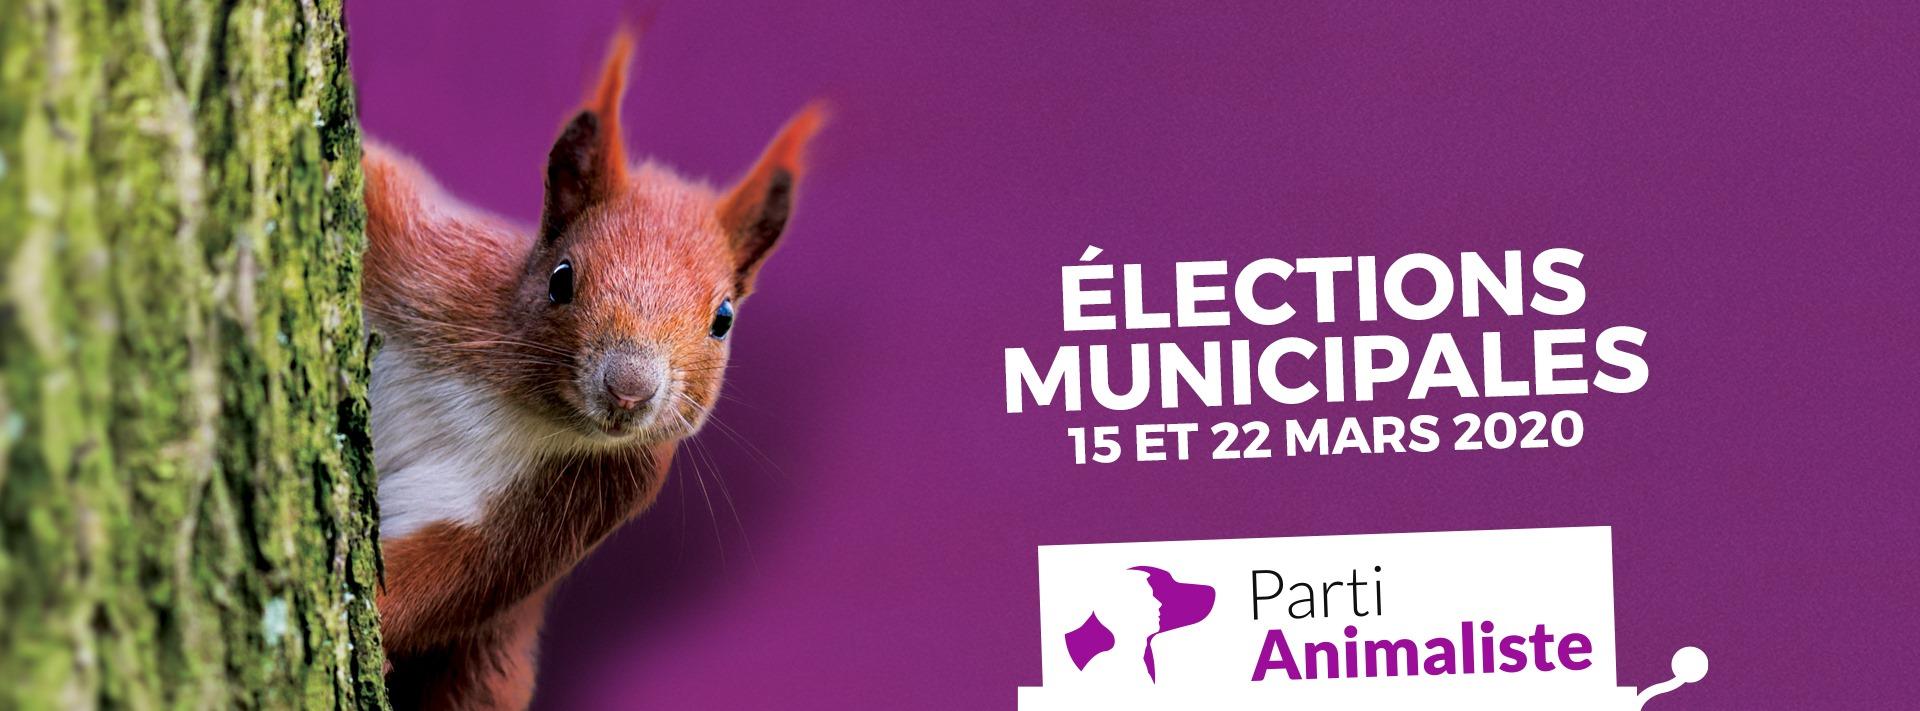 Découvrez les listes du Parti animaliste aux élections municipales de 2020